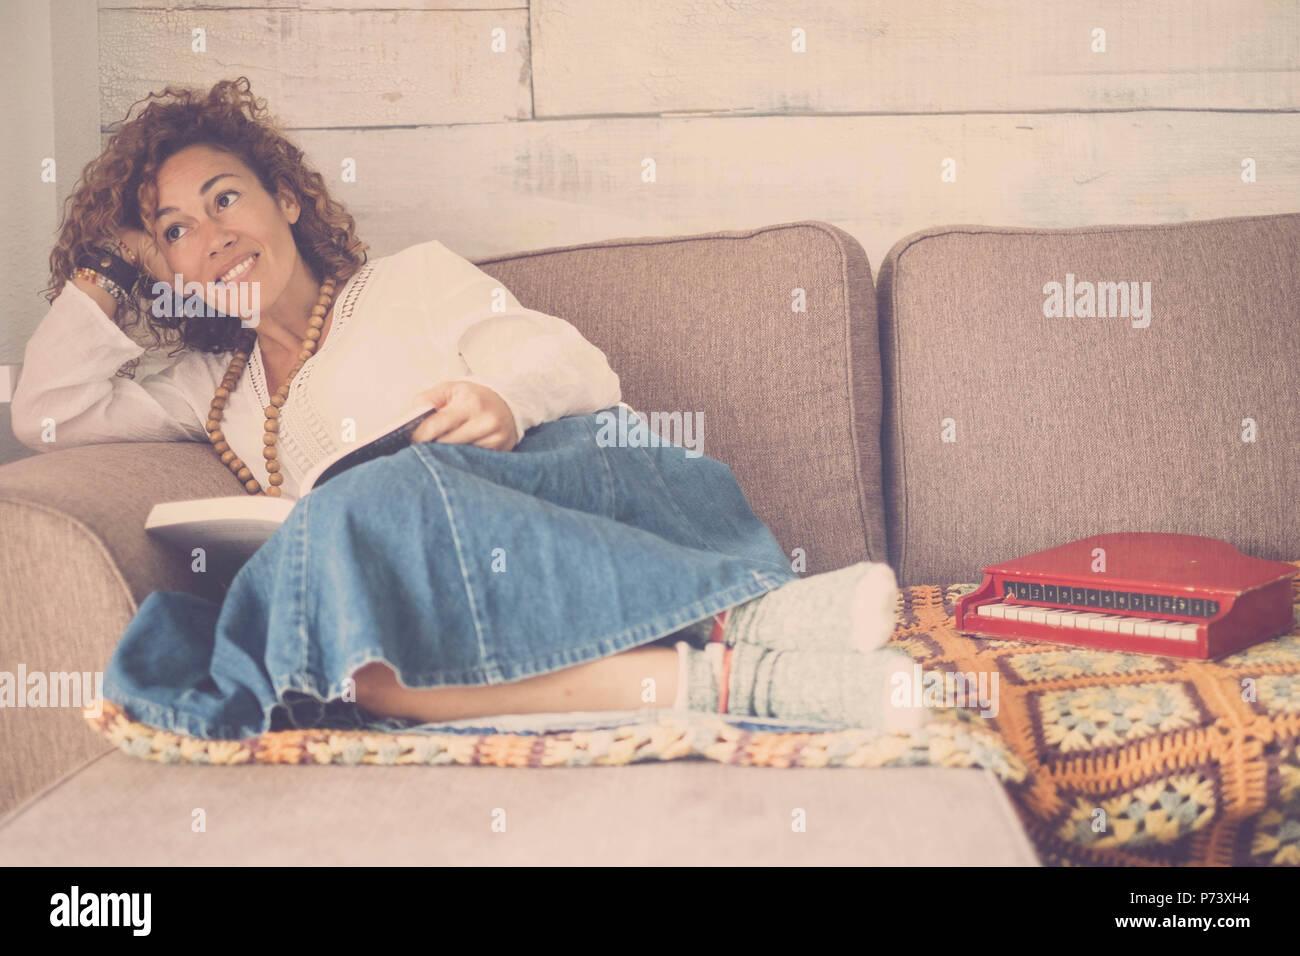 Schöne kaukasische Frau legte sich entspannt auf dem Sofa zu Hause sucht außerhalb des Fensters. kleine Pianobar Spielzeug zu ihren Füßen. Kreativität Gefühl für schönes Stockbild